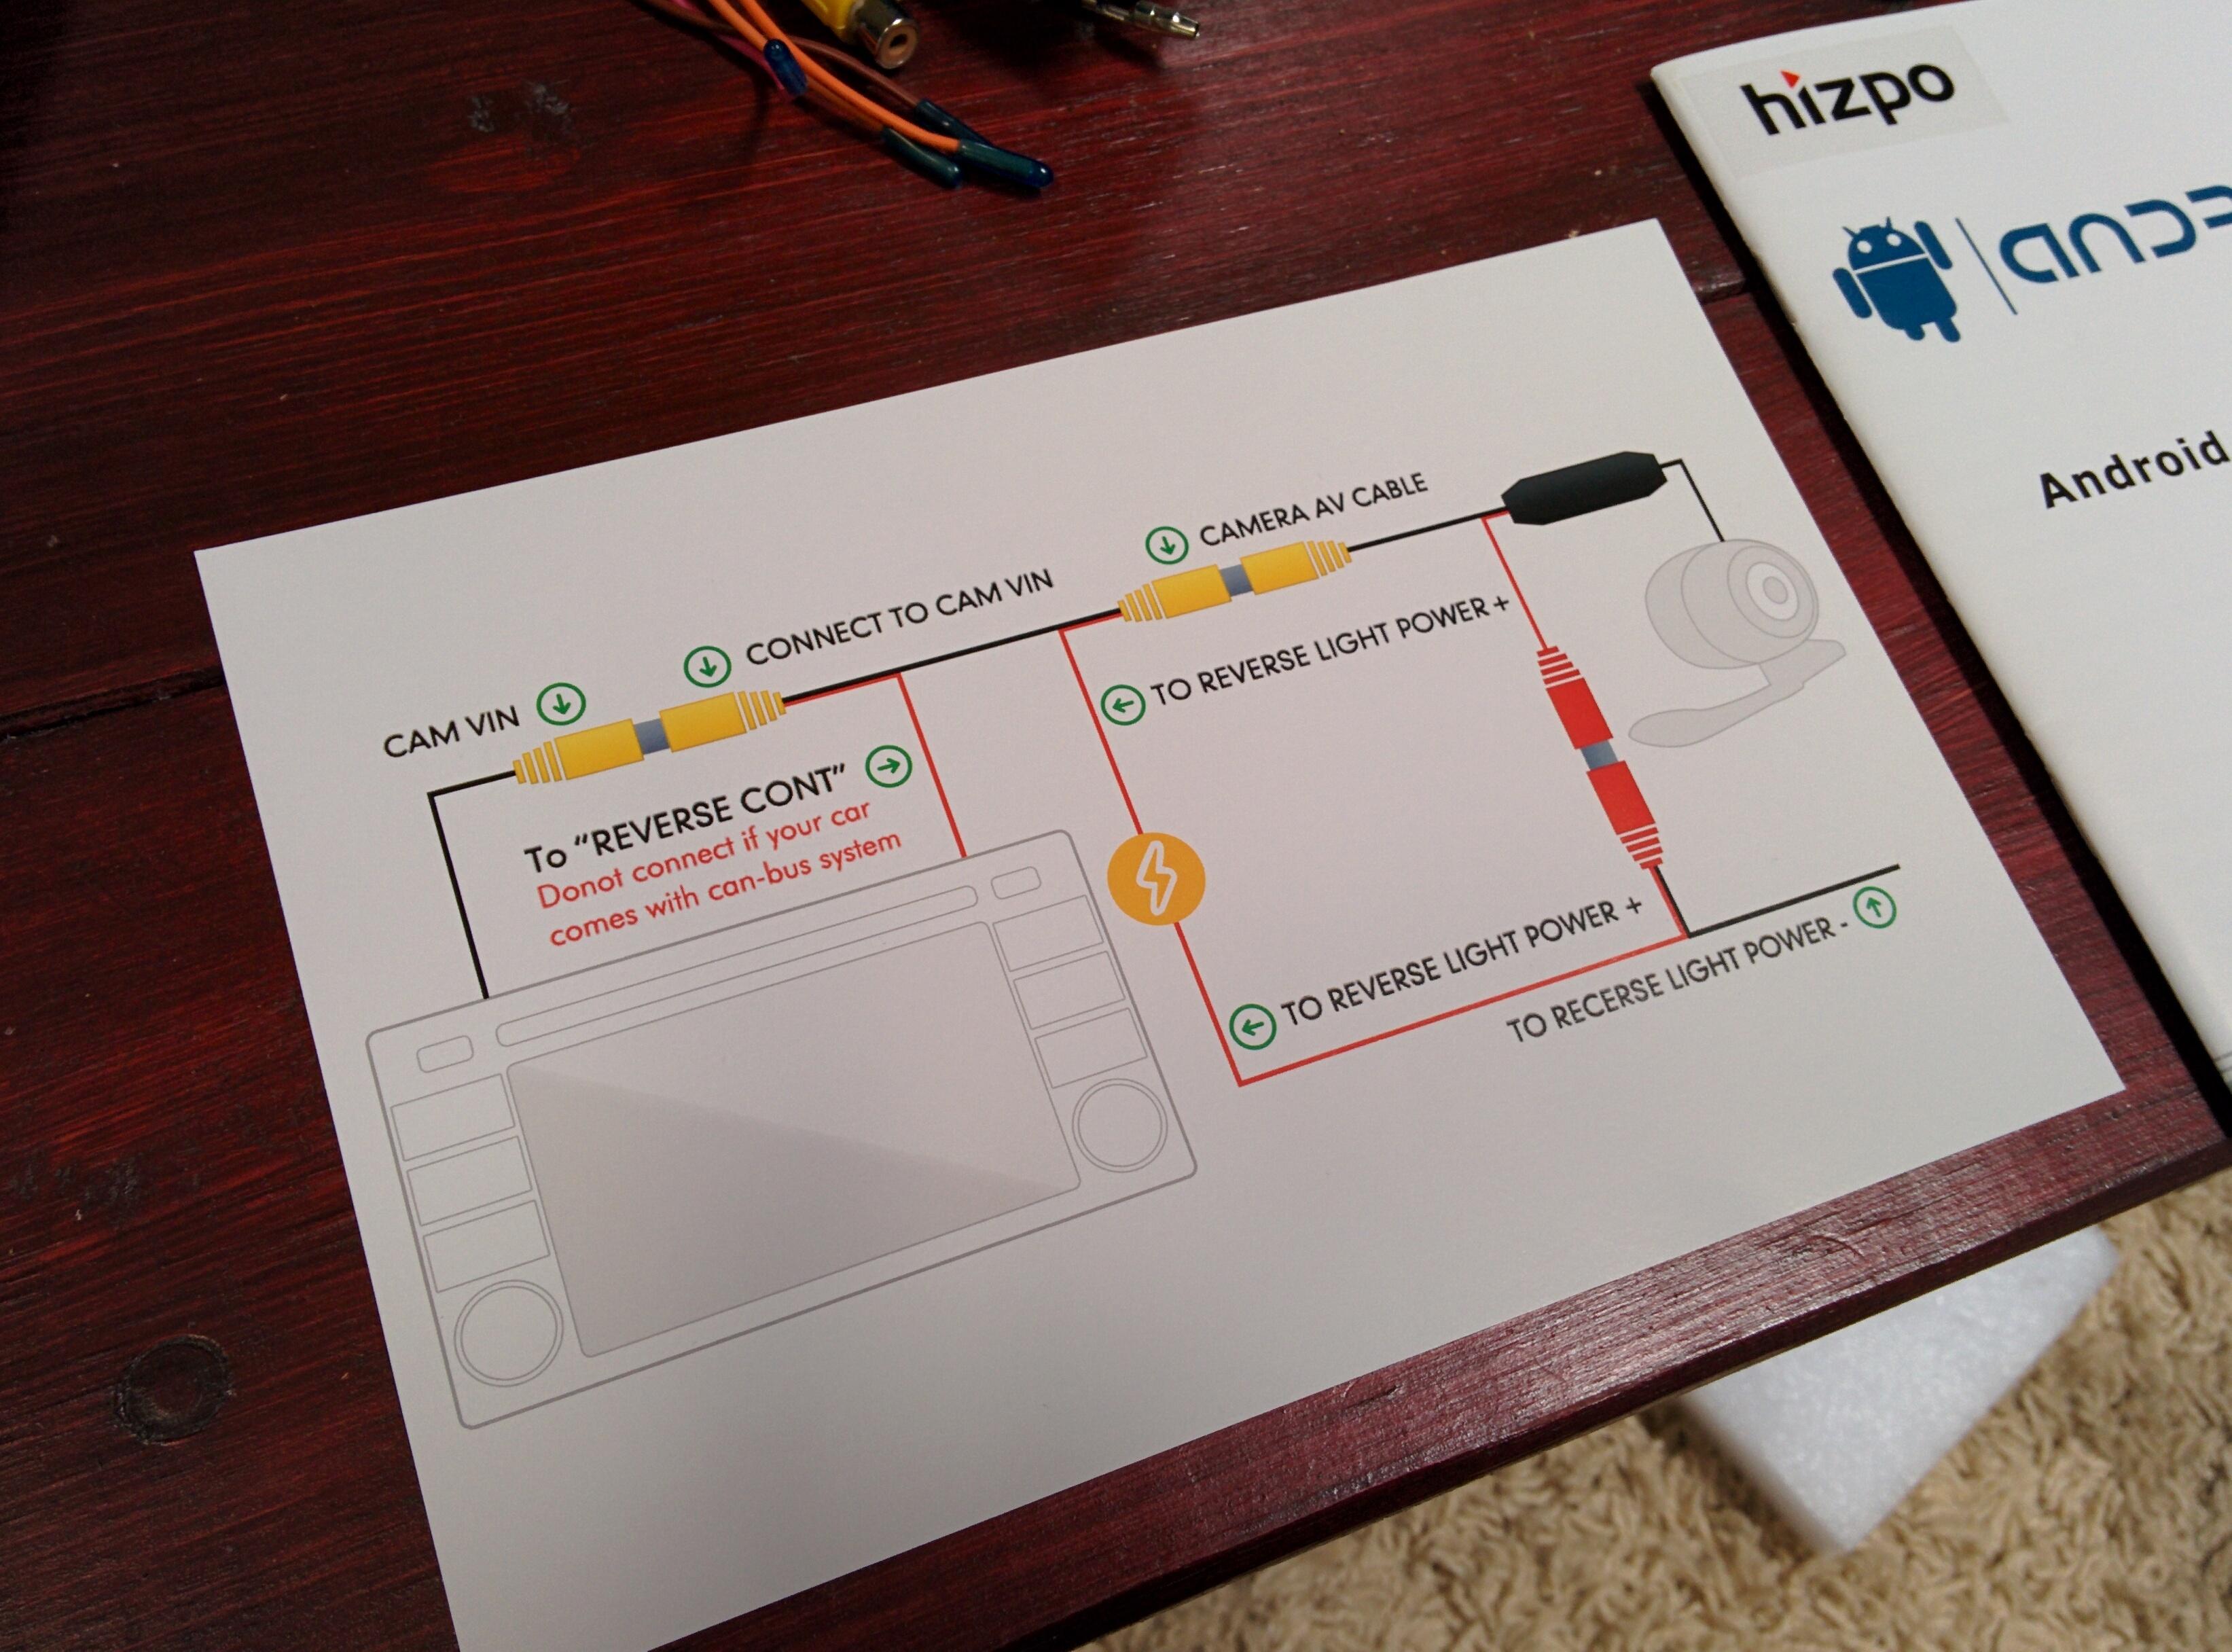 Hizpo Android 7 1 head Unit